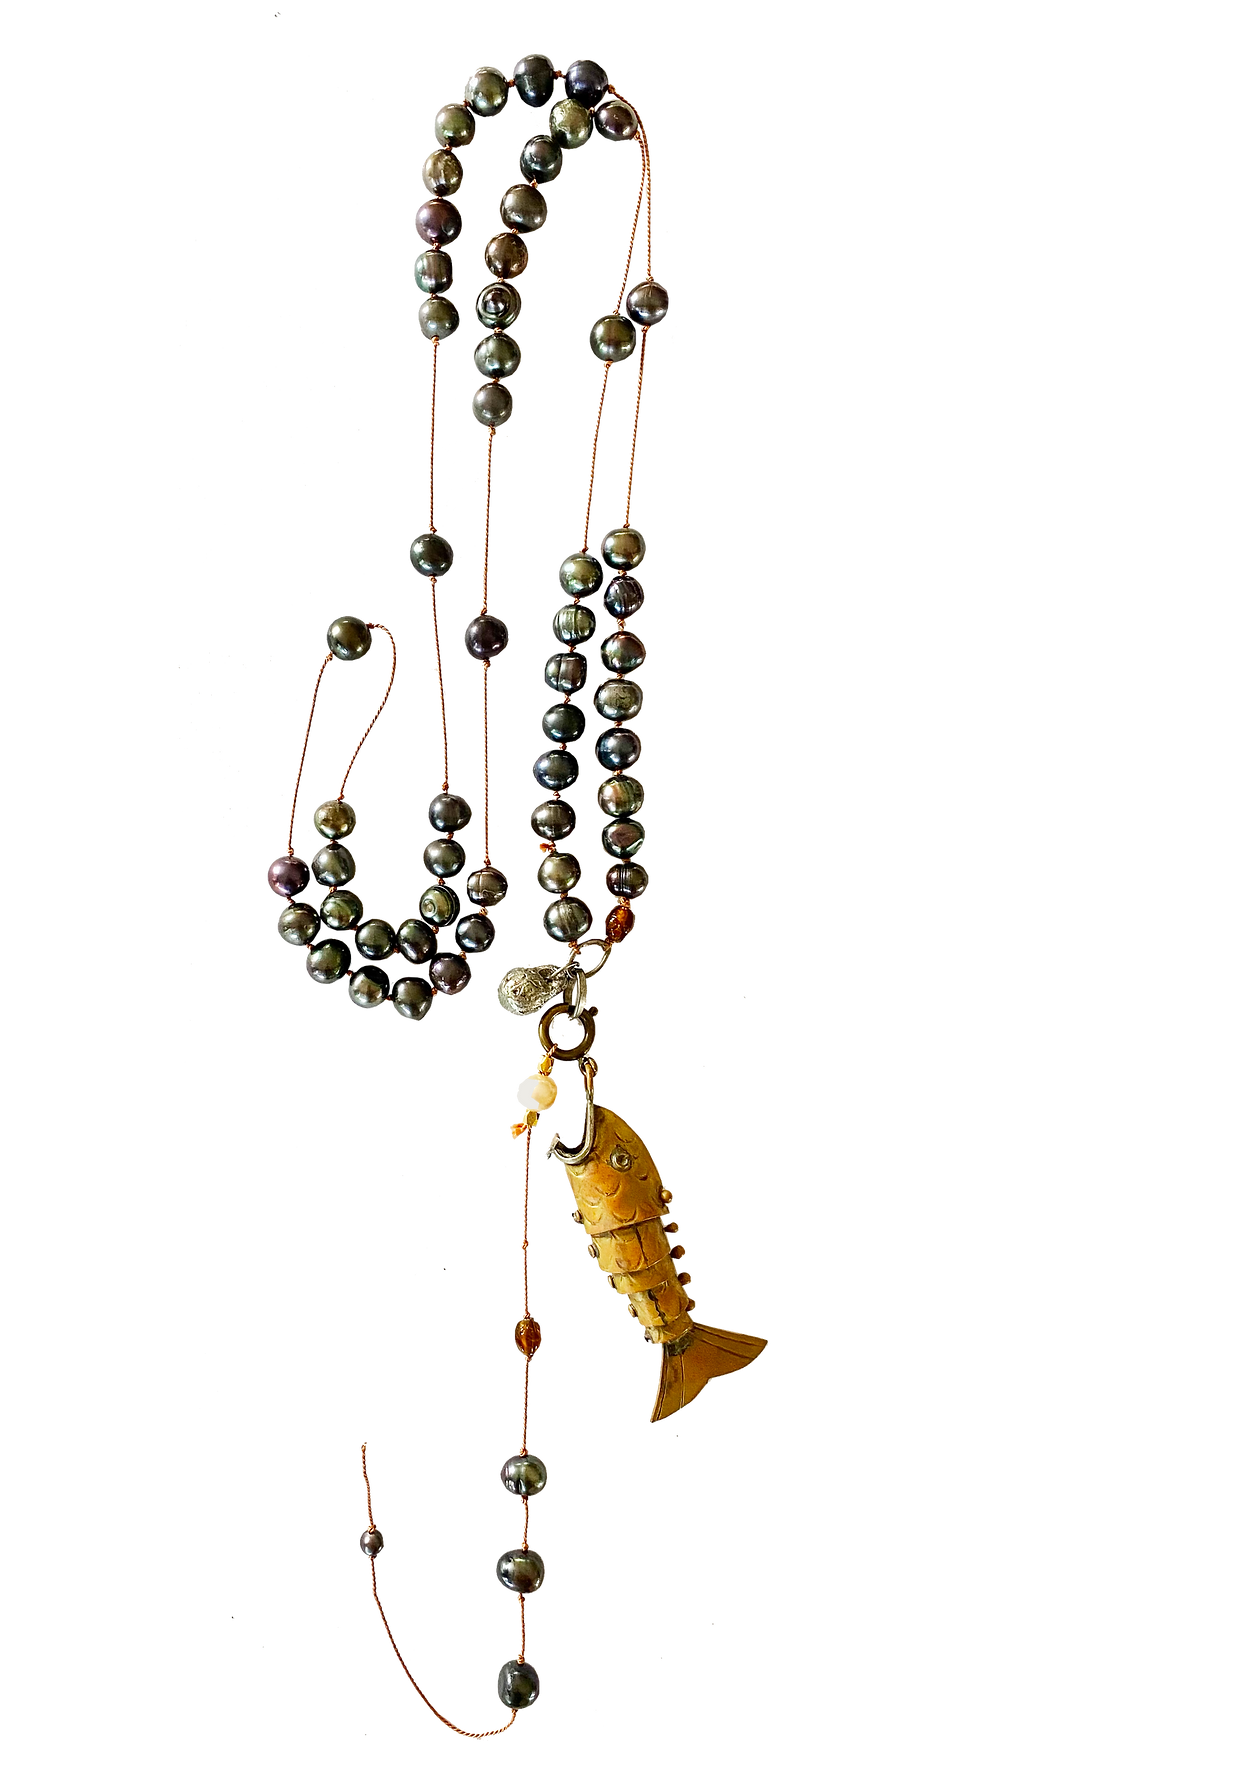 fish jewel copy.png